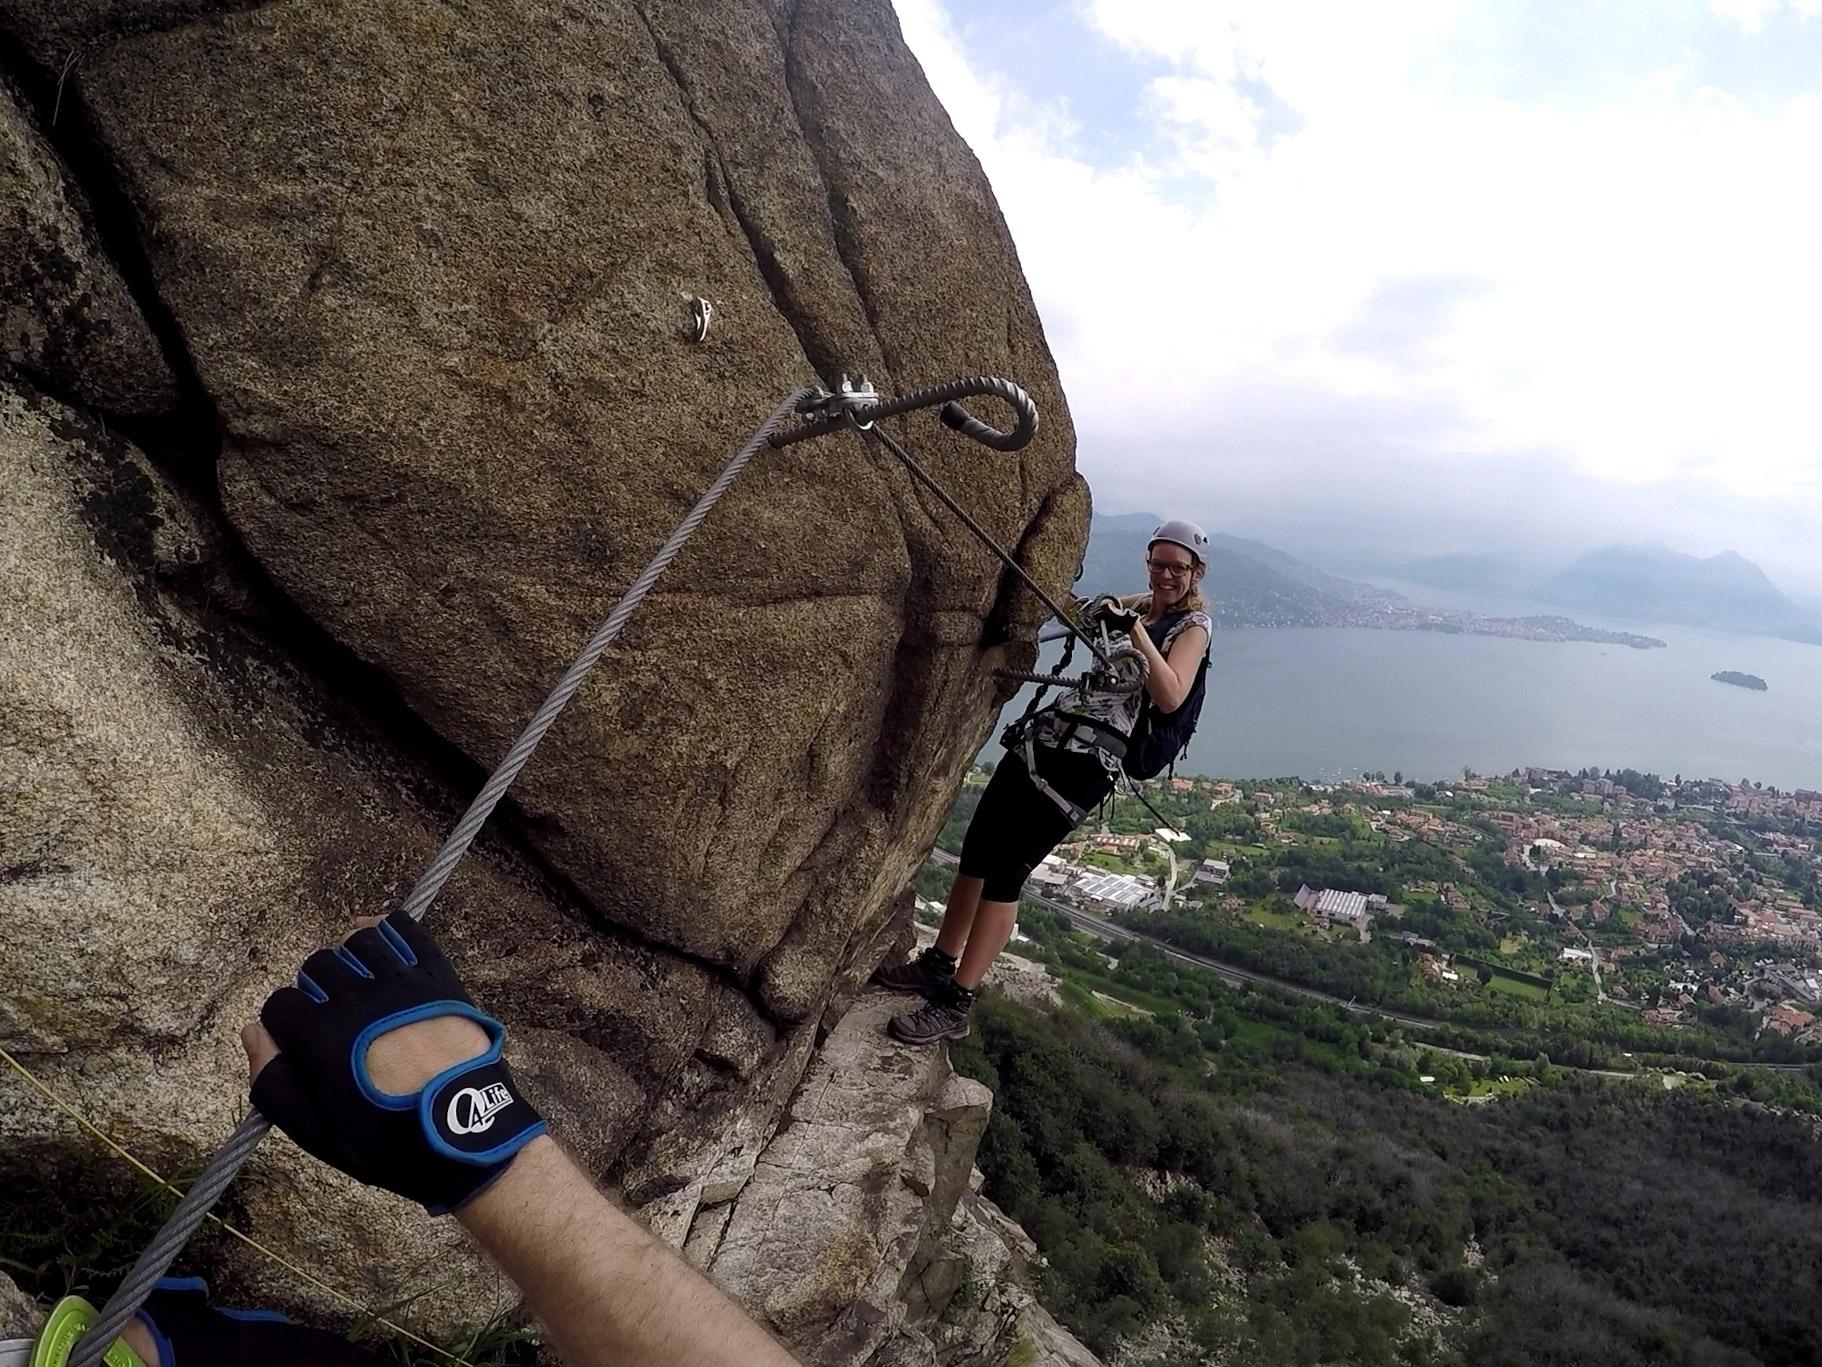 Uitzicht bij Lago Maggiore tijdens een route klettersteig